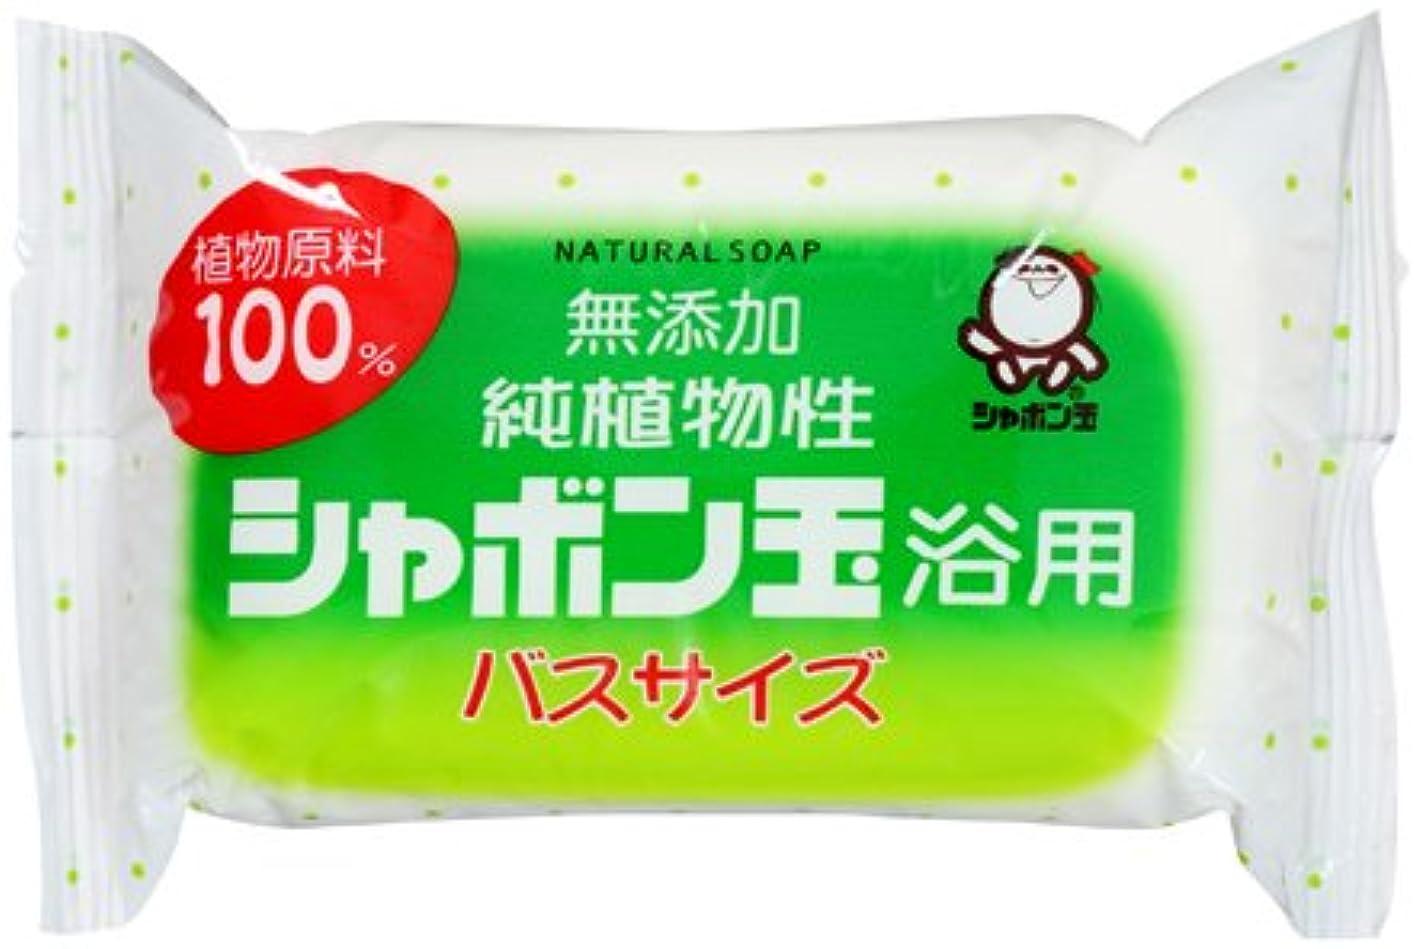 圧縮された感情理解するシャボン玉石けん シャボン玉 純植物性 浴用 バスサイズ 155g(無添加石鹸)×60点セット (4901797003051)